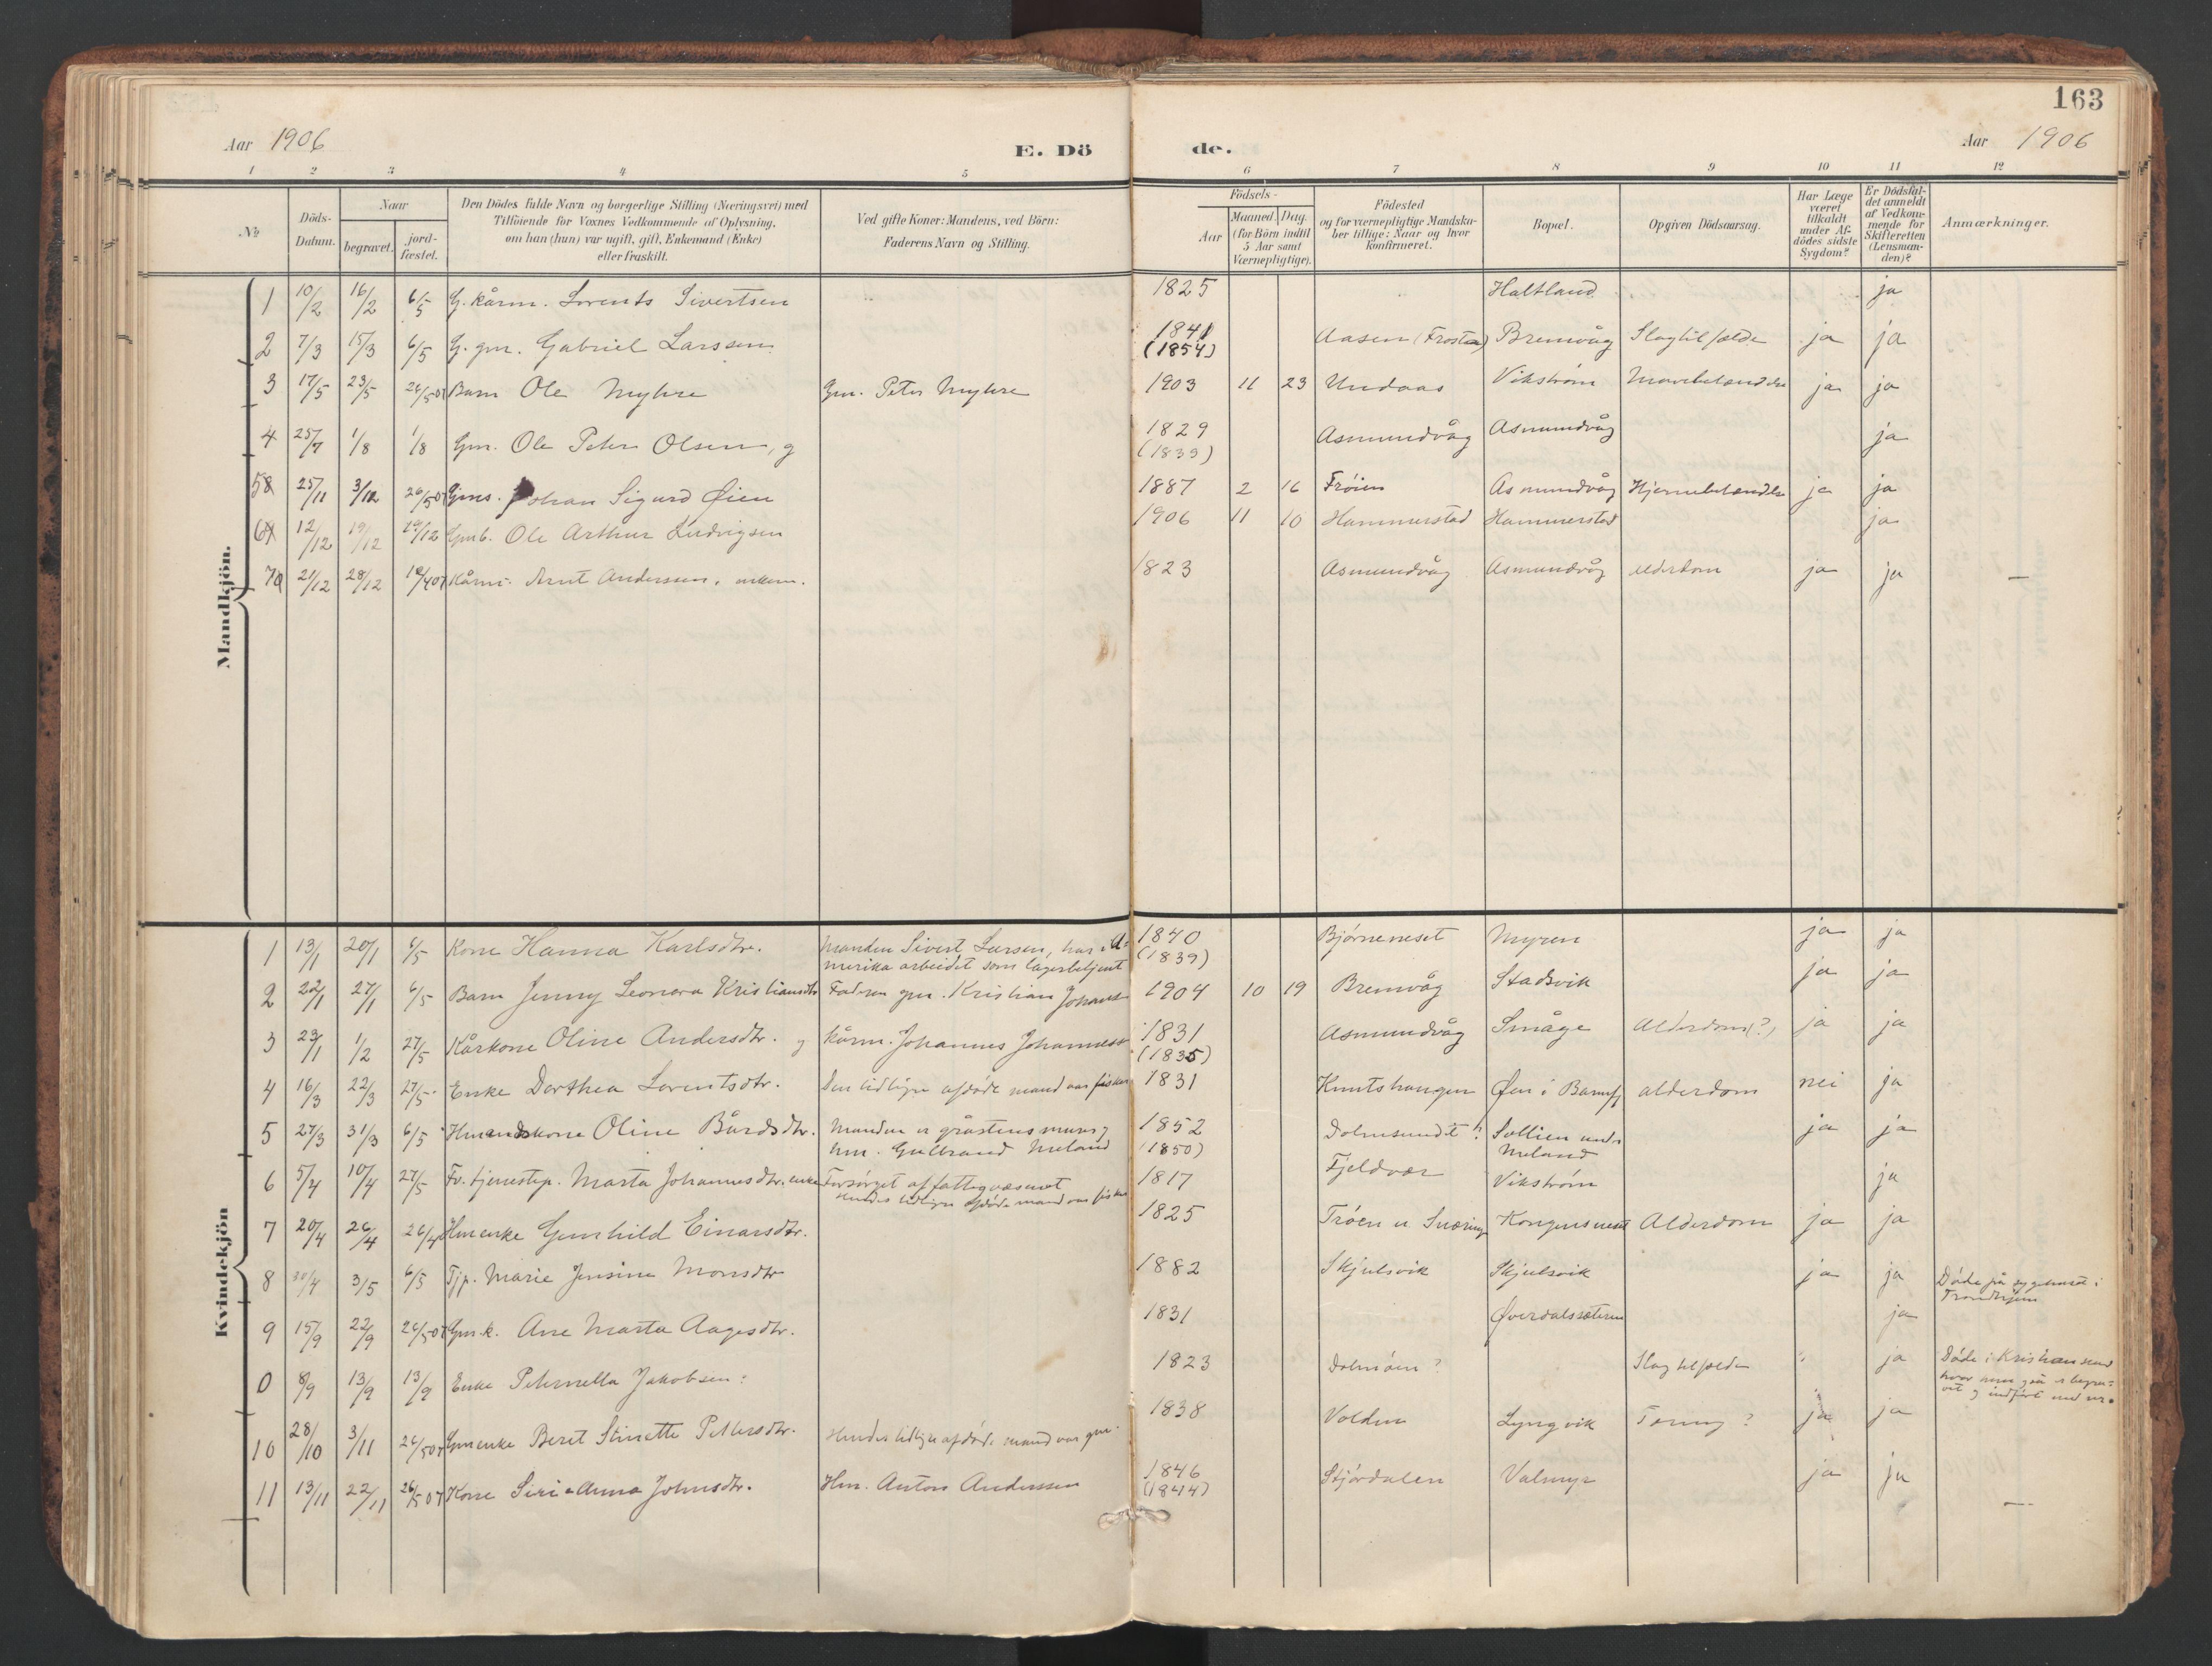 SAT, Ministerialprotokoller, klokkerbøker og fødselsregistre - Sør-Trøndelag, 634/L0537: Ministerialbok nr. 634A13, 1896-1922, s. 163